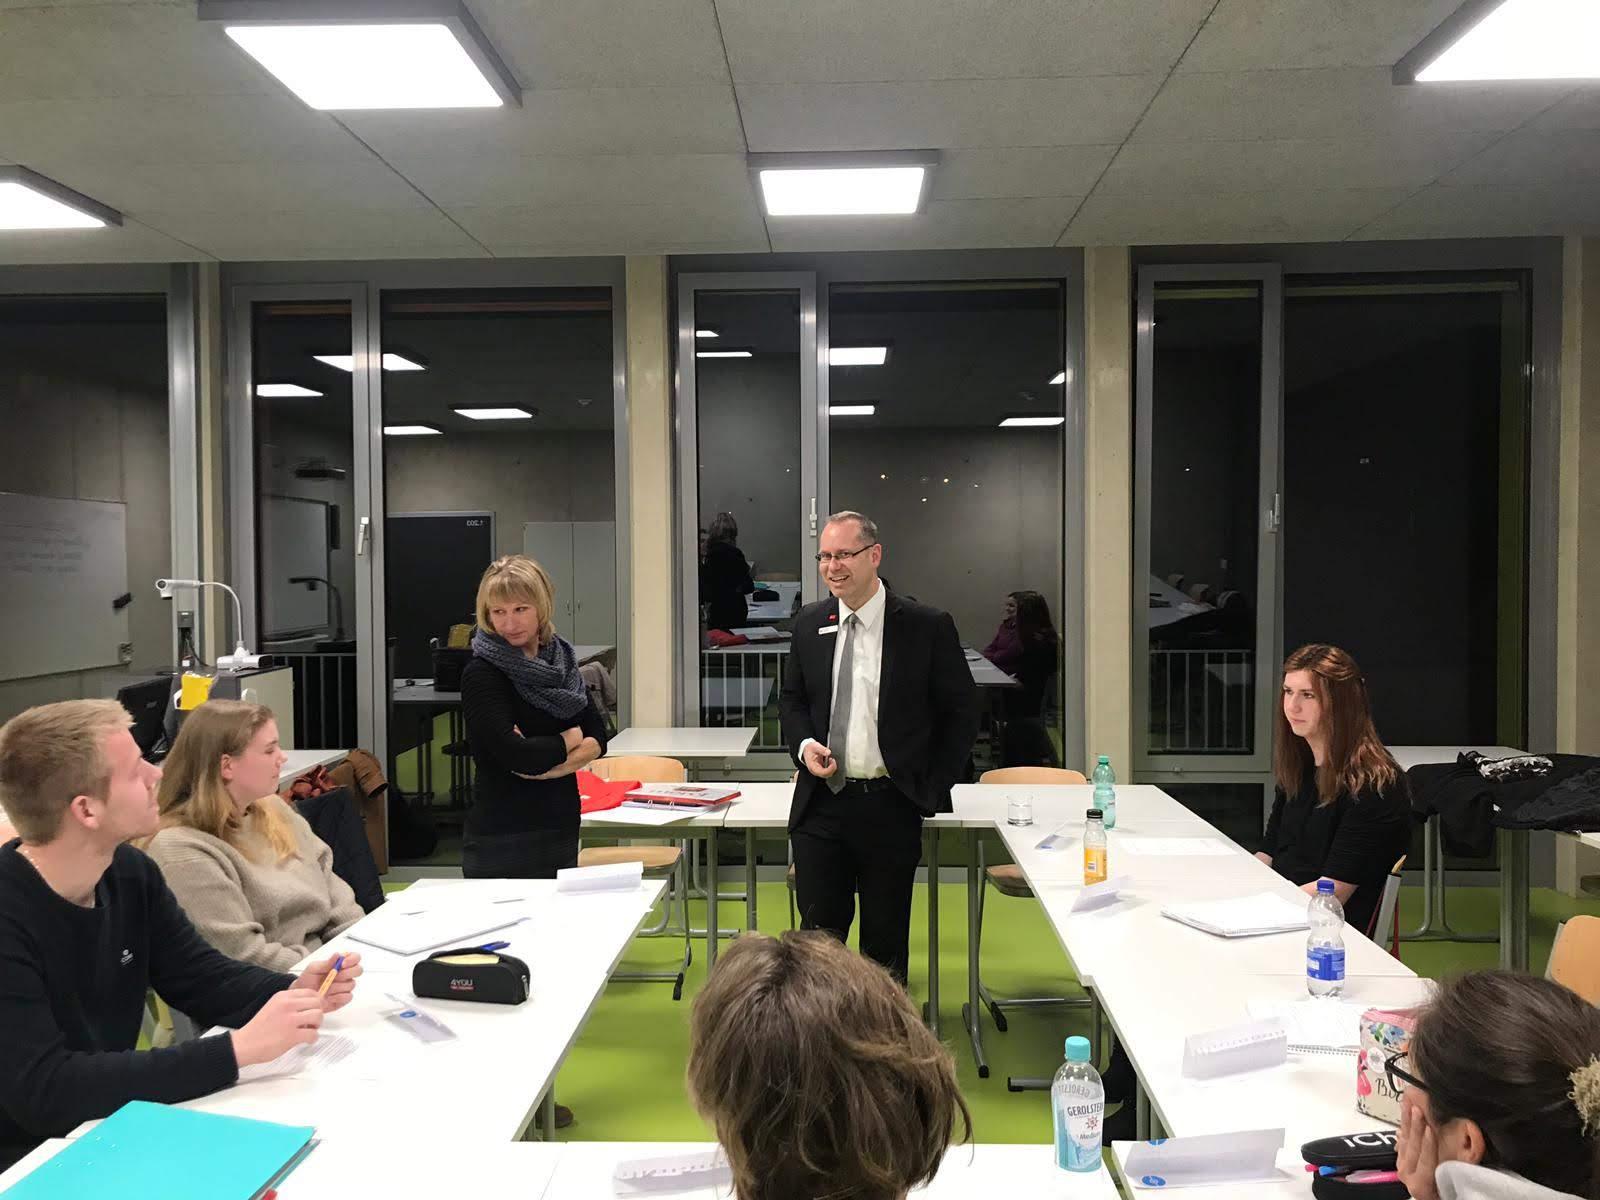 Herr Vahland von der  Sparkasse Attendorn-Lennestadt-Kirchhundem besucht die Planbanker der H3 des Abendgymnasiums in Attendorn